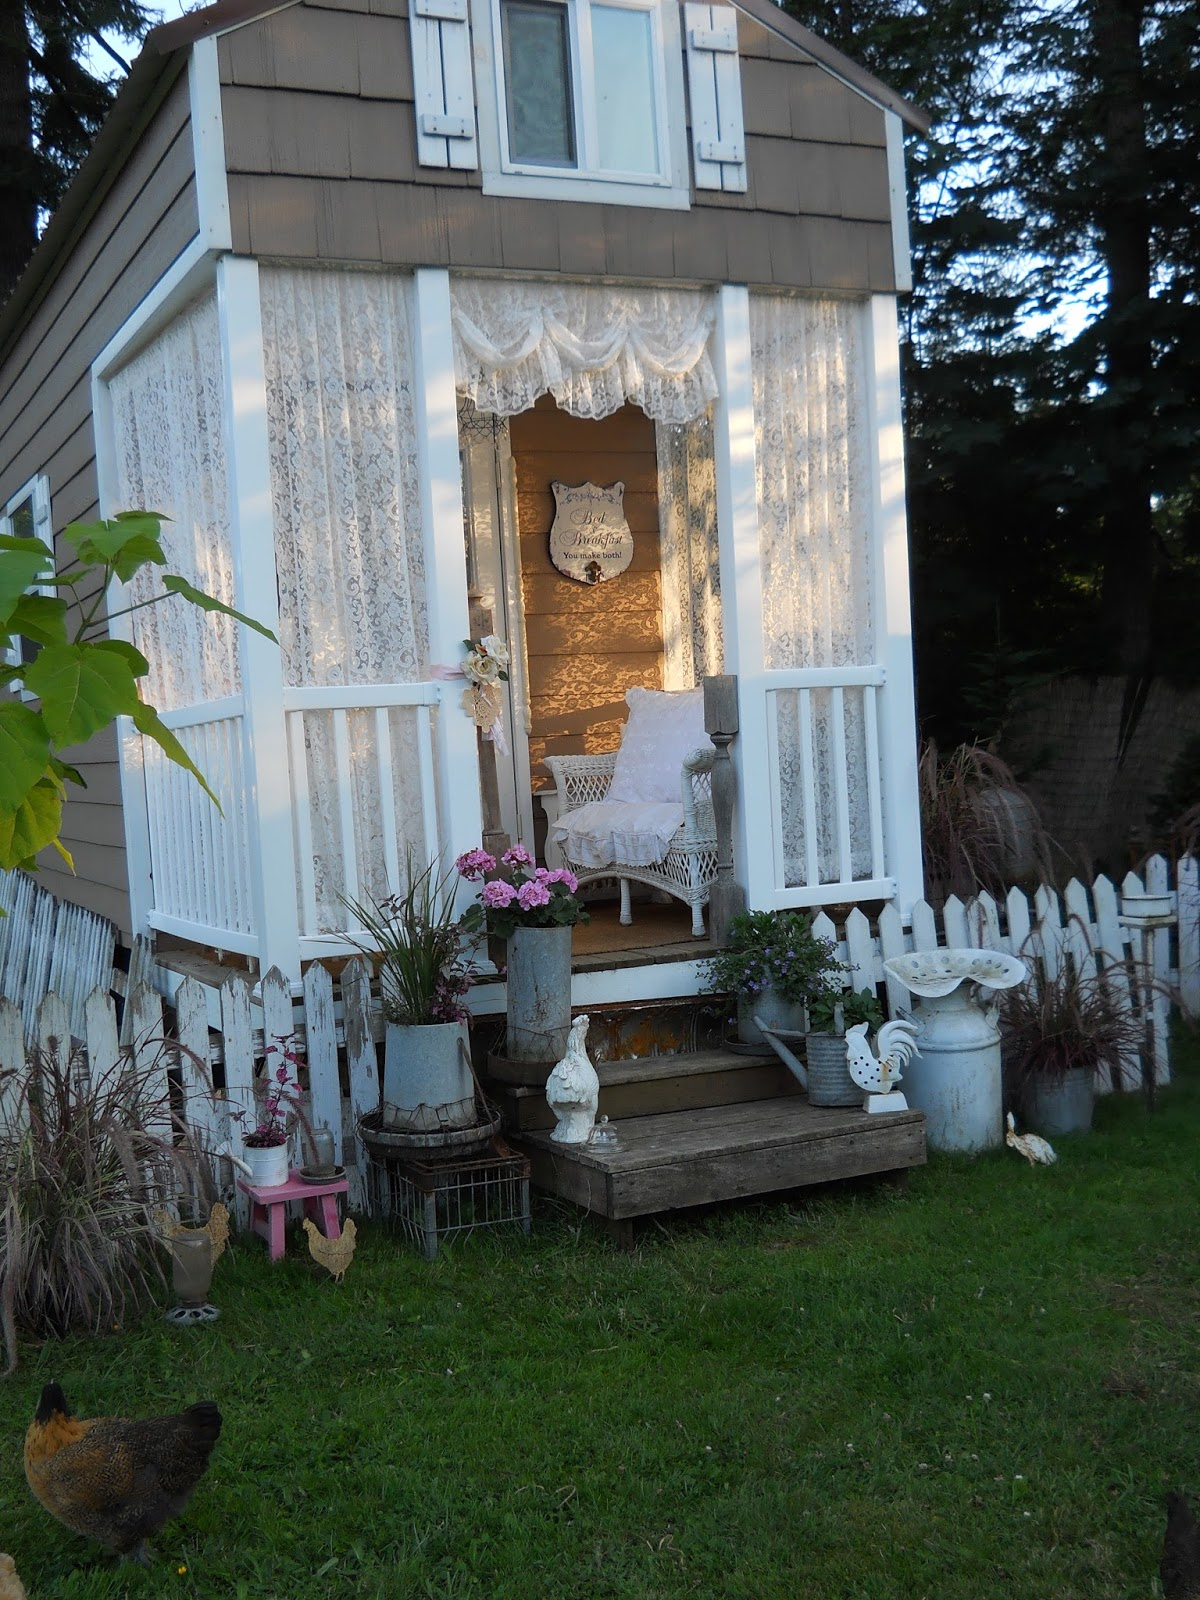 Shabby Chic Tiny Retreat: My Tiny Porch Makeover on Chic Patio Ideas id=31947